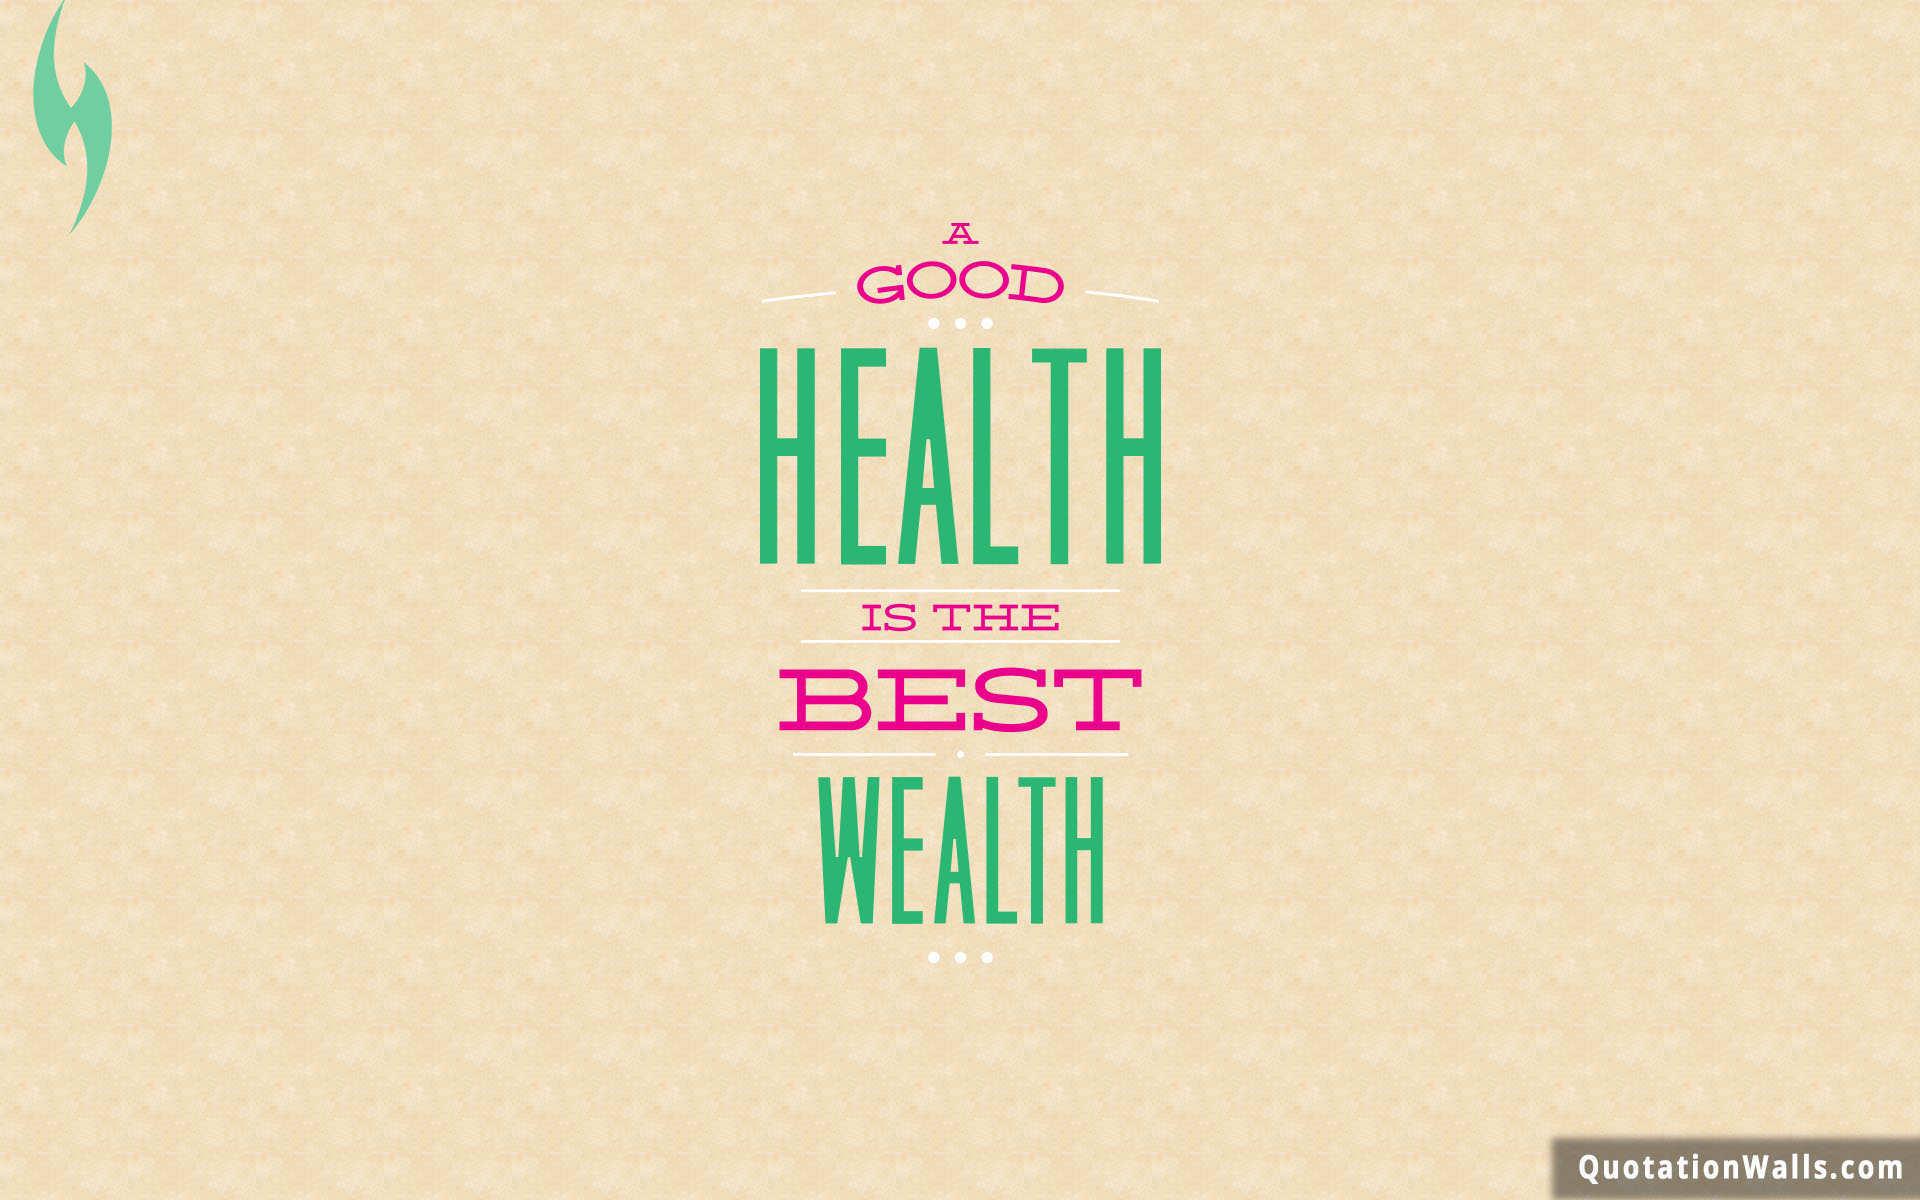 Health Is Wealth Life Wallpaper for Desktop   QuotationWalls 1920x1200